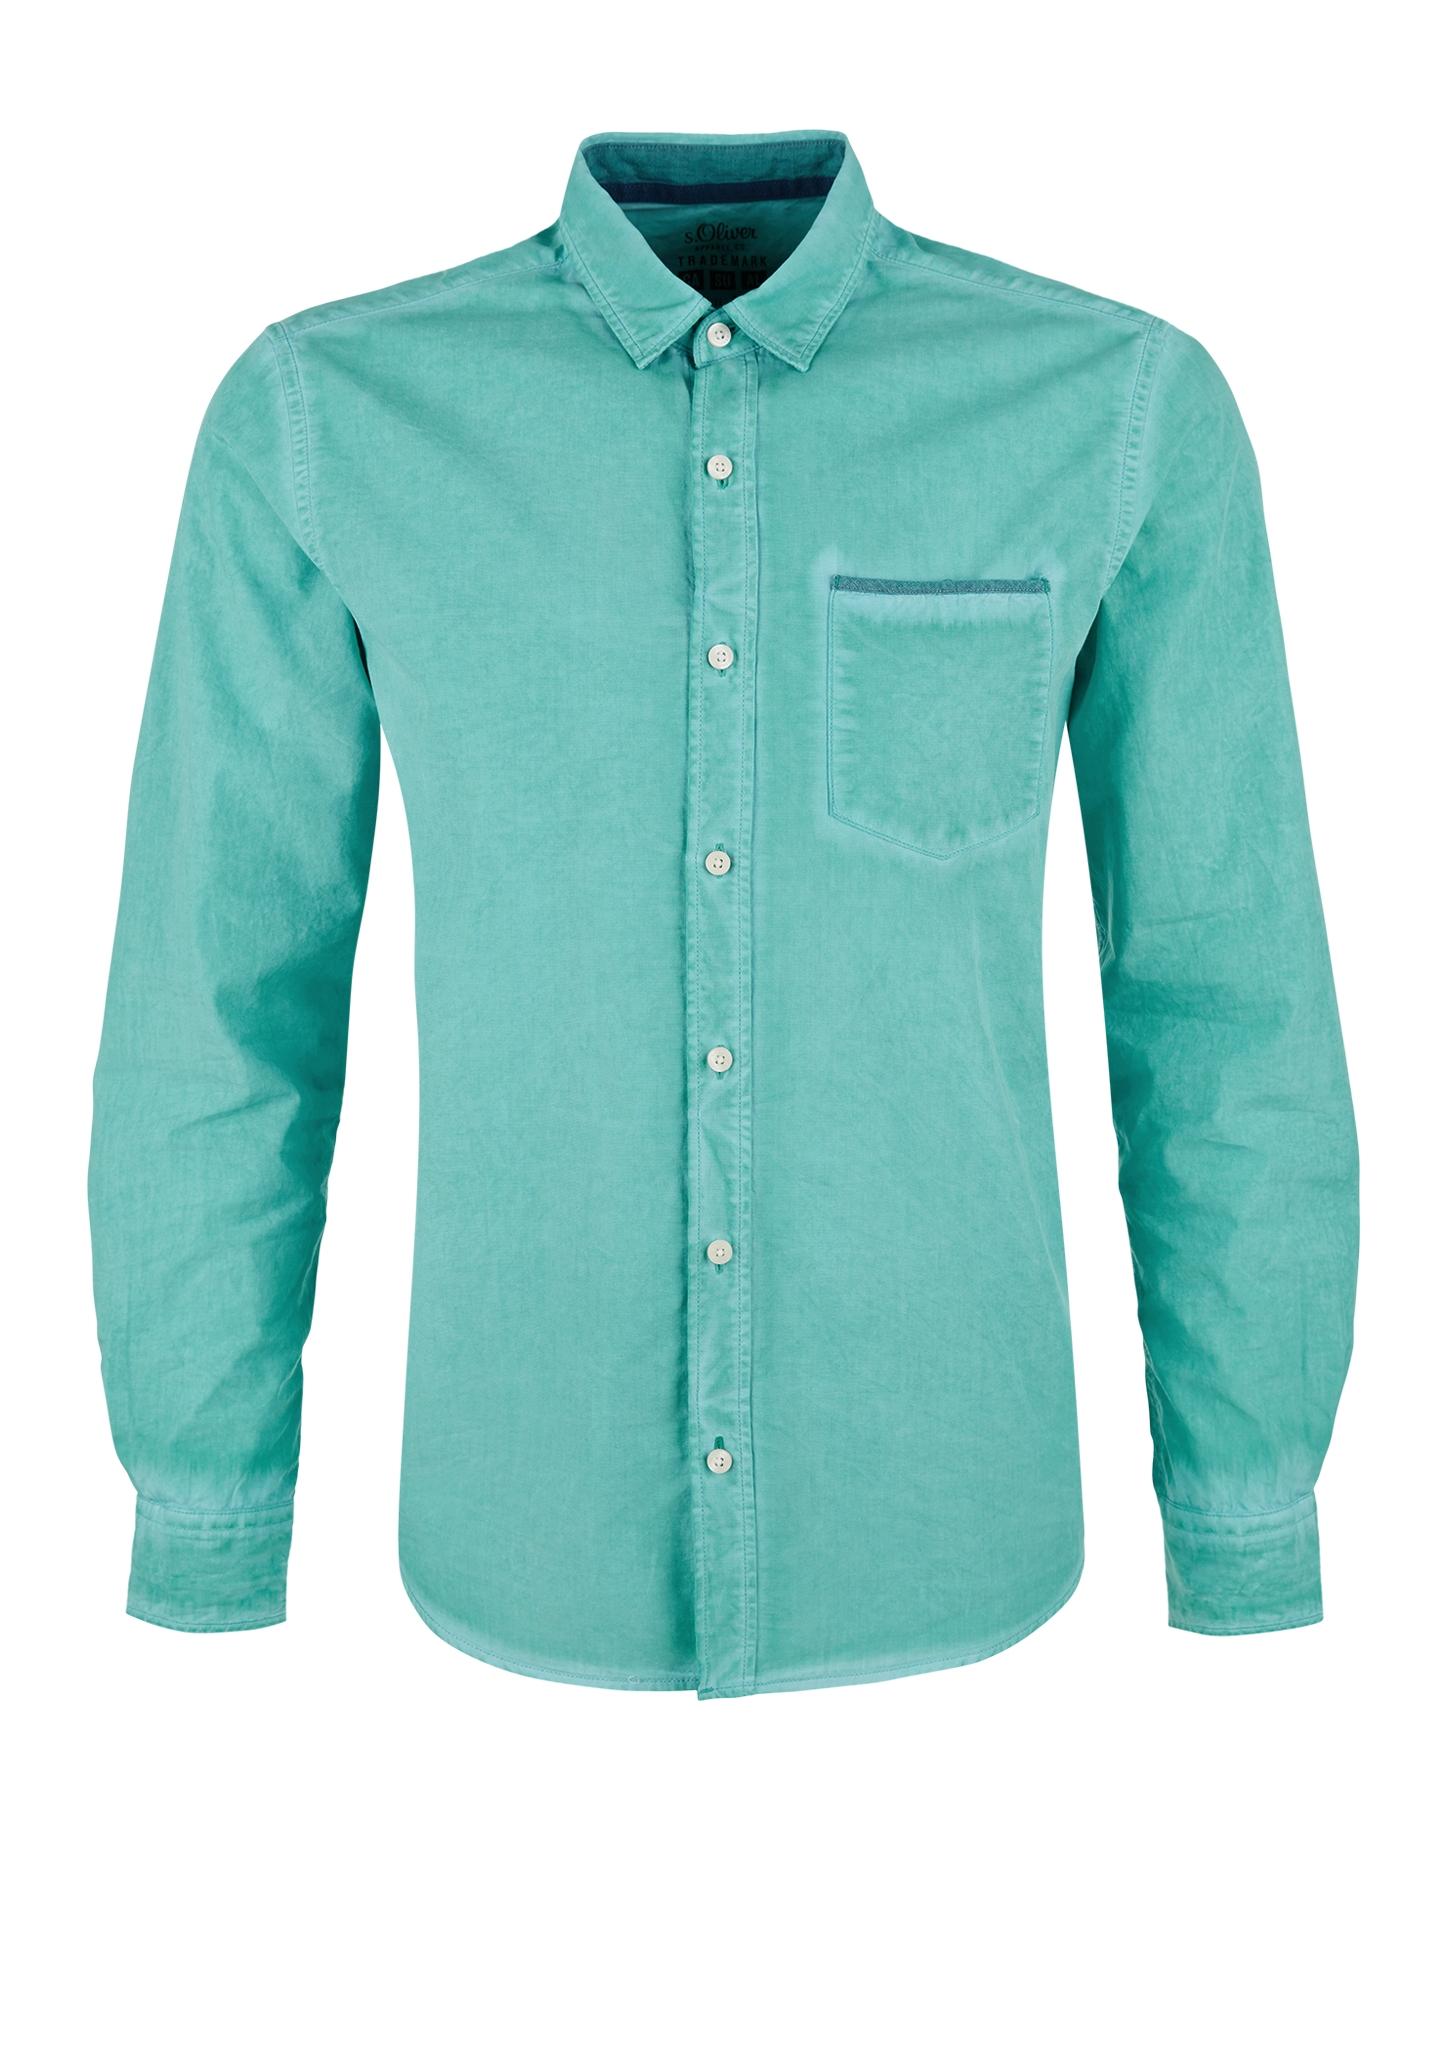 Freizeithemd | Bekleidung > Hemden > Freizeithemden | Blau/grün | 100% baumwolle | s.Oliver